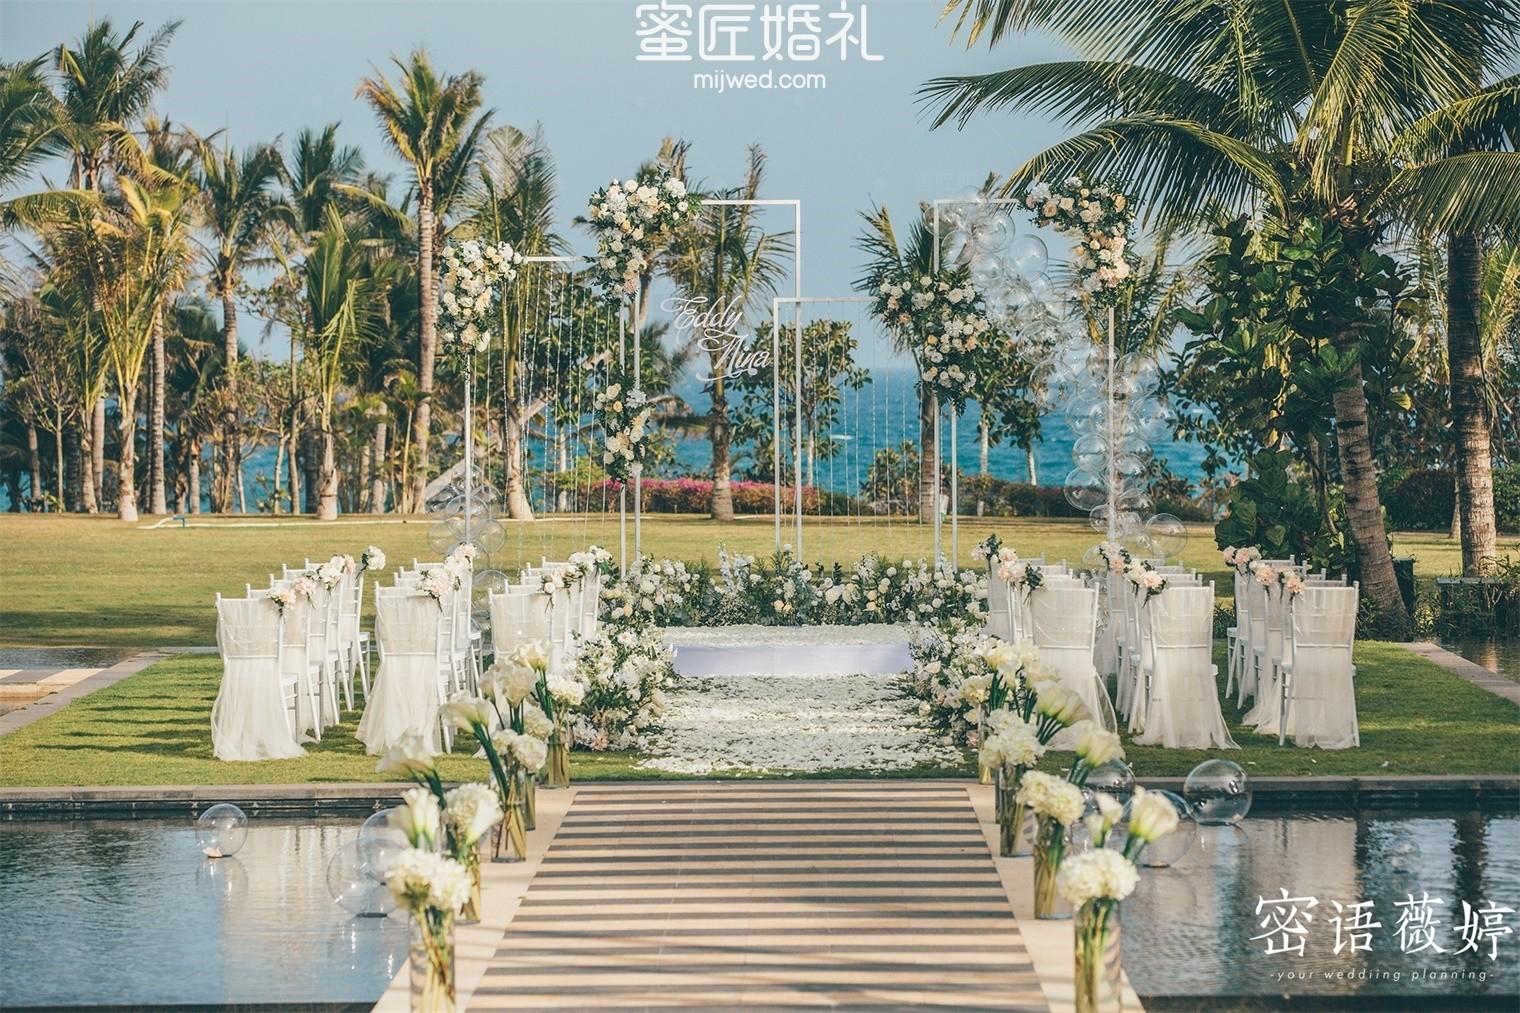 新娘母亲在婚礼上的简单讲话